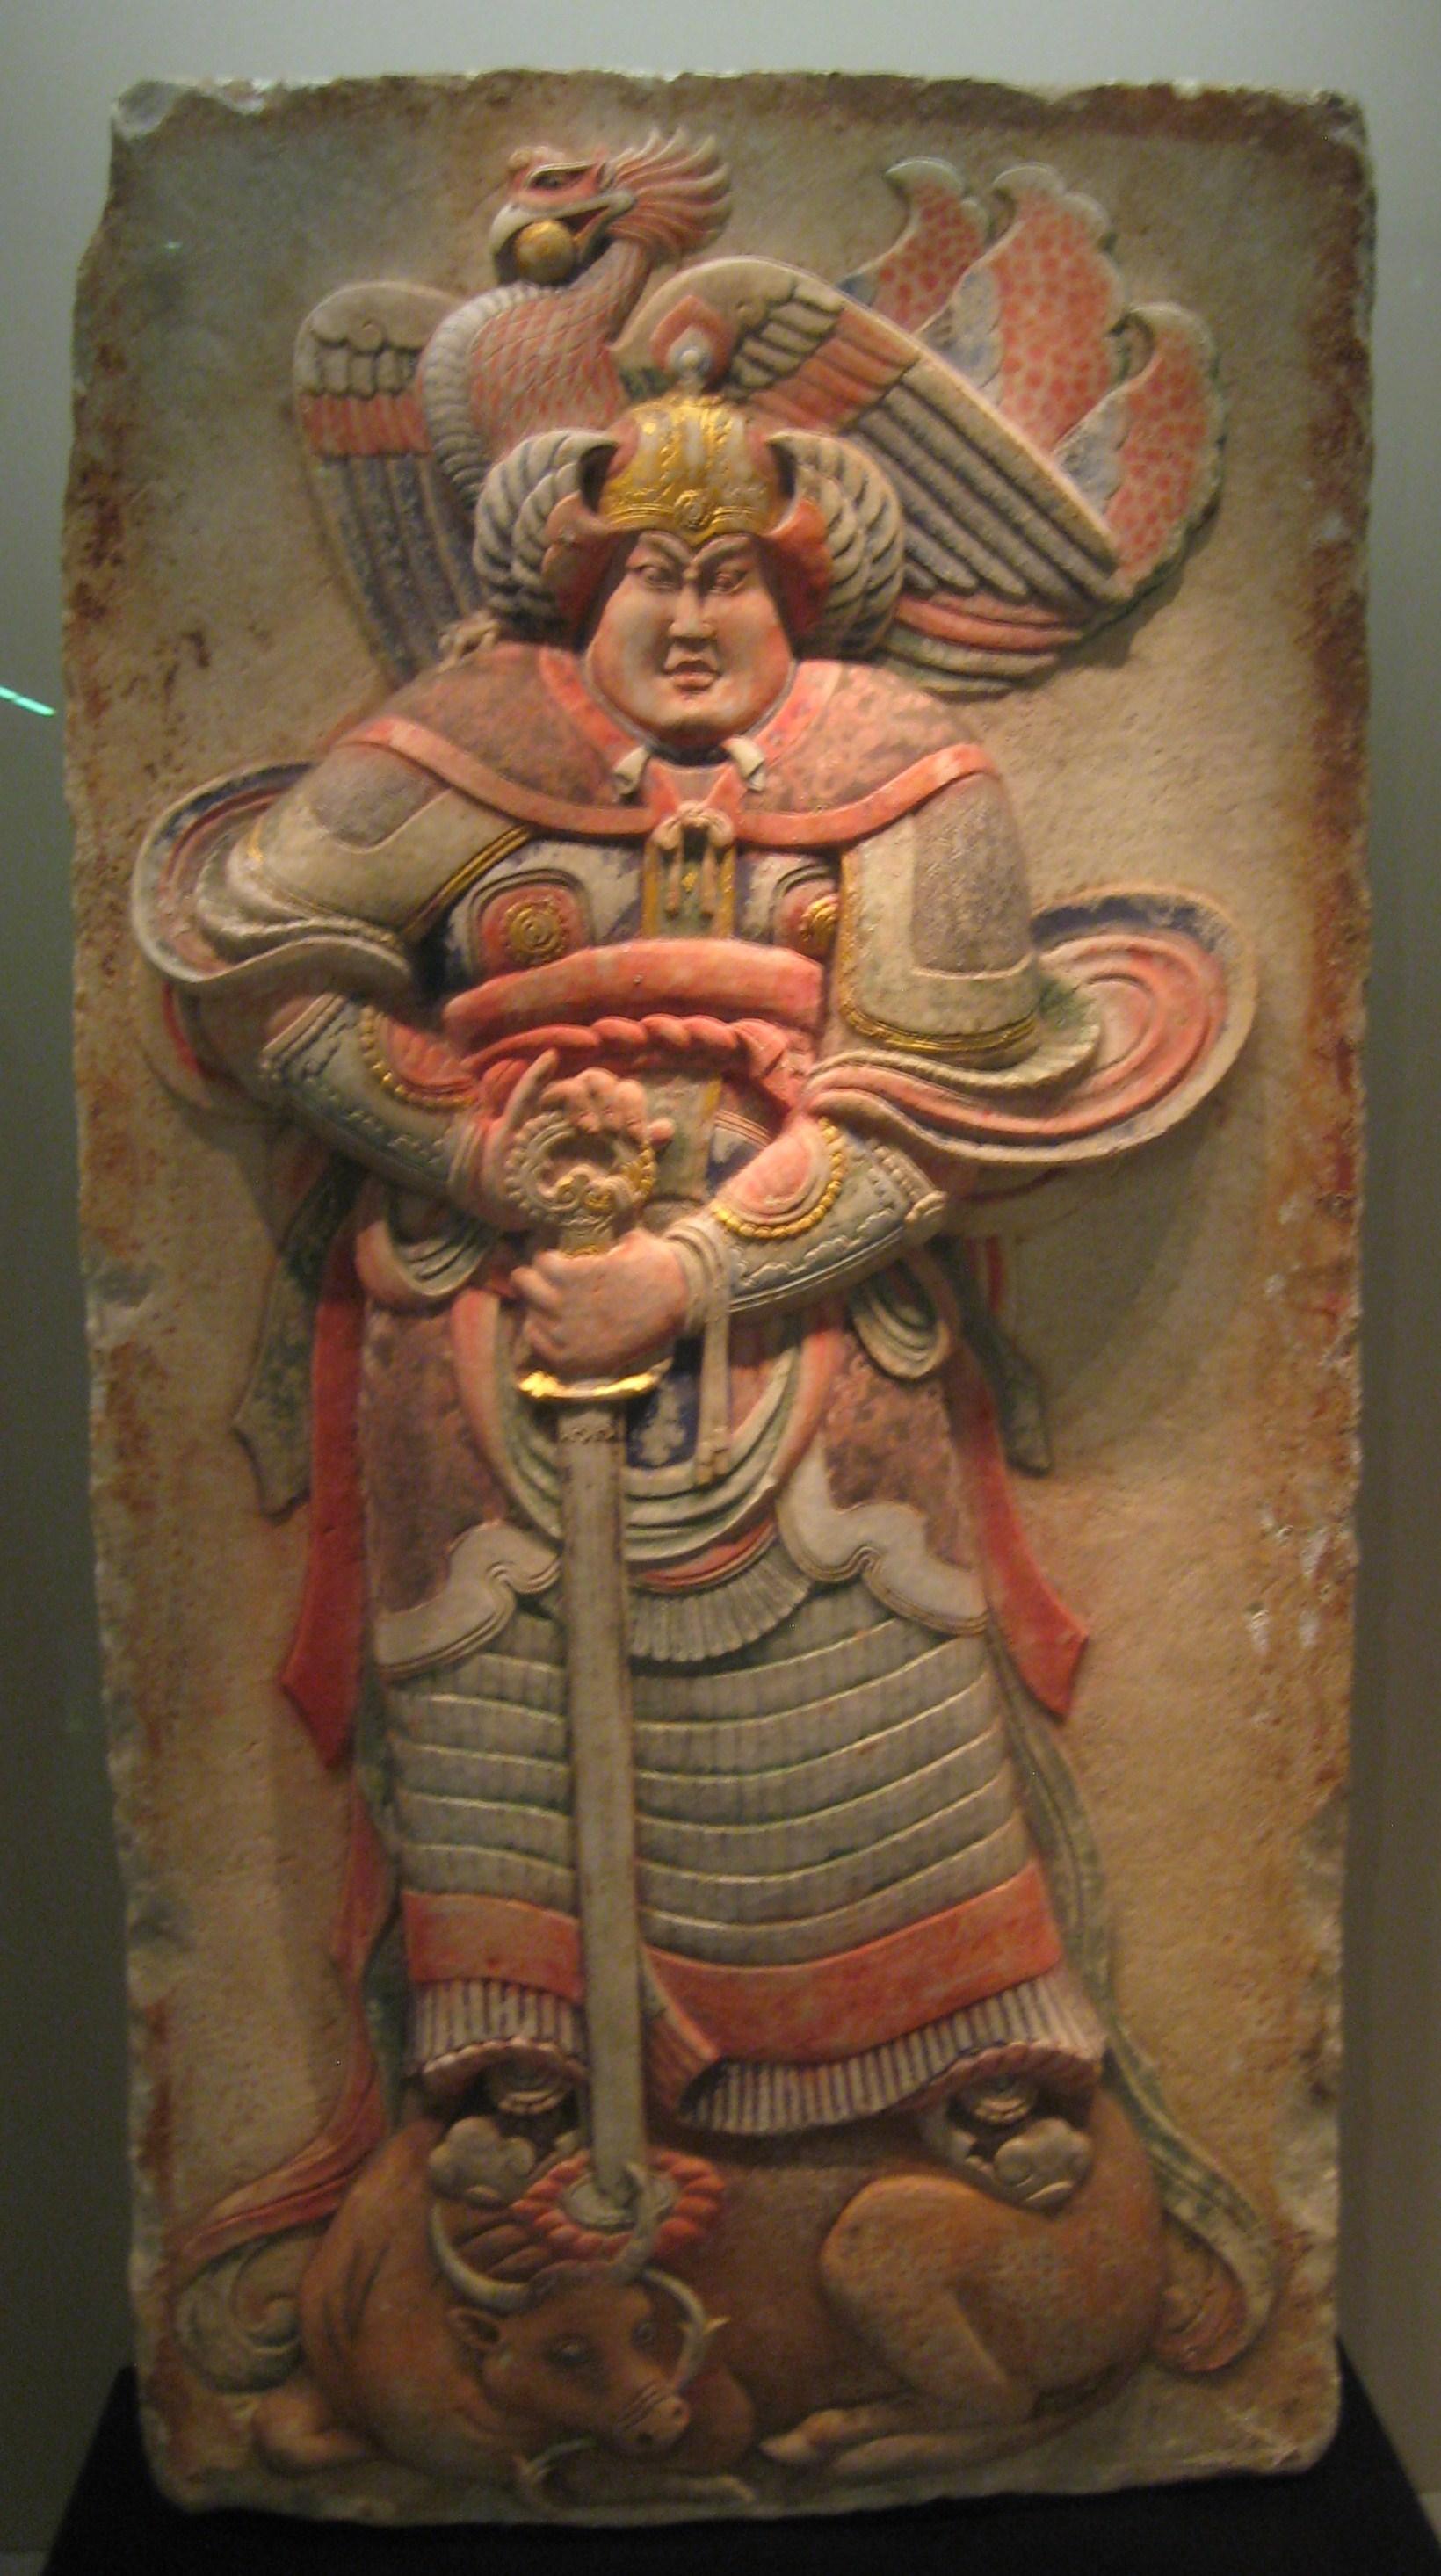 Stèle de la tombe de Wang Chuzhi ??? - Quyang, Hebei Province - ayant inspiré la p. 37 de Mon cahier d'archéologie (© BabelStone - CC BY-SA 3.0) via Wikimedia Commons